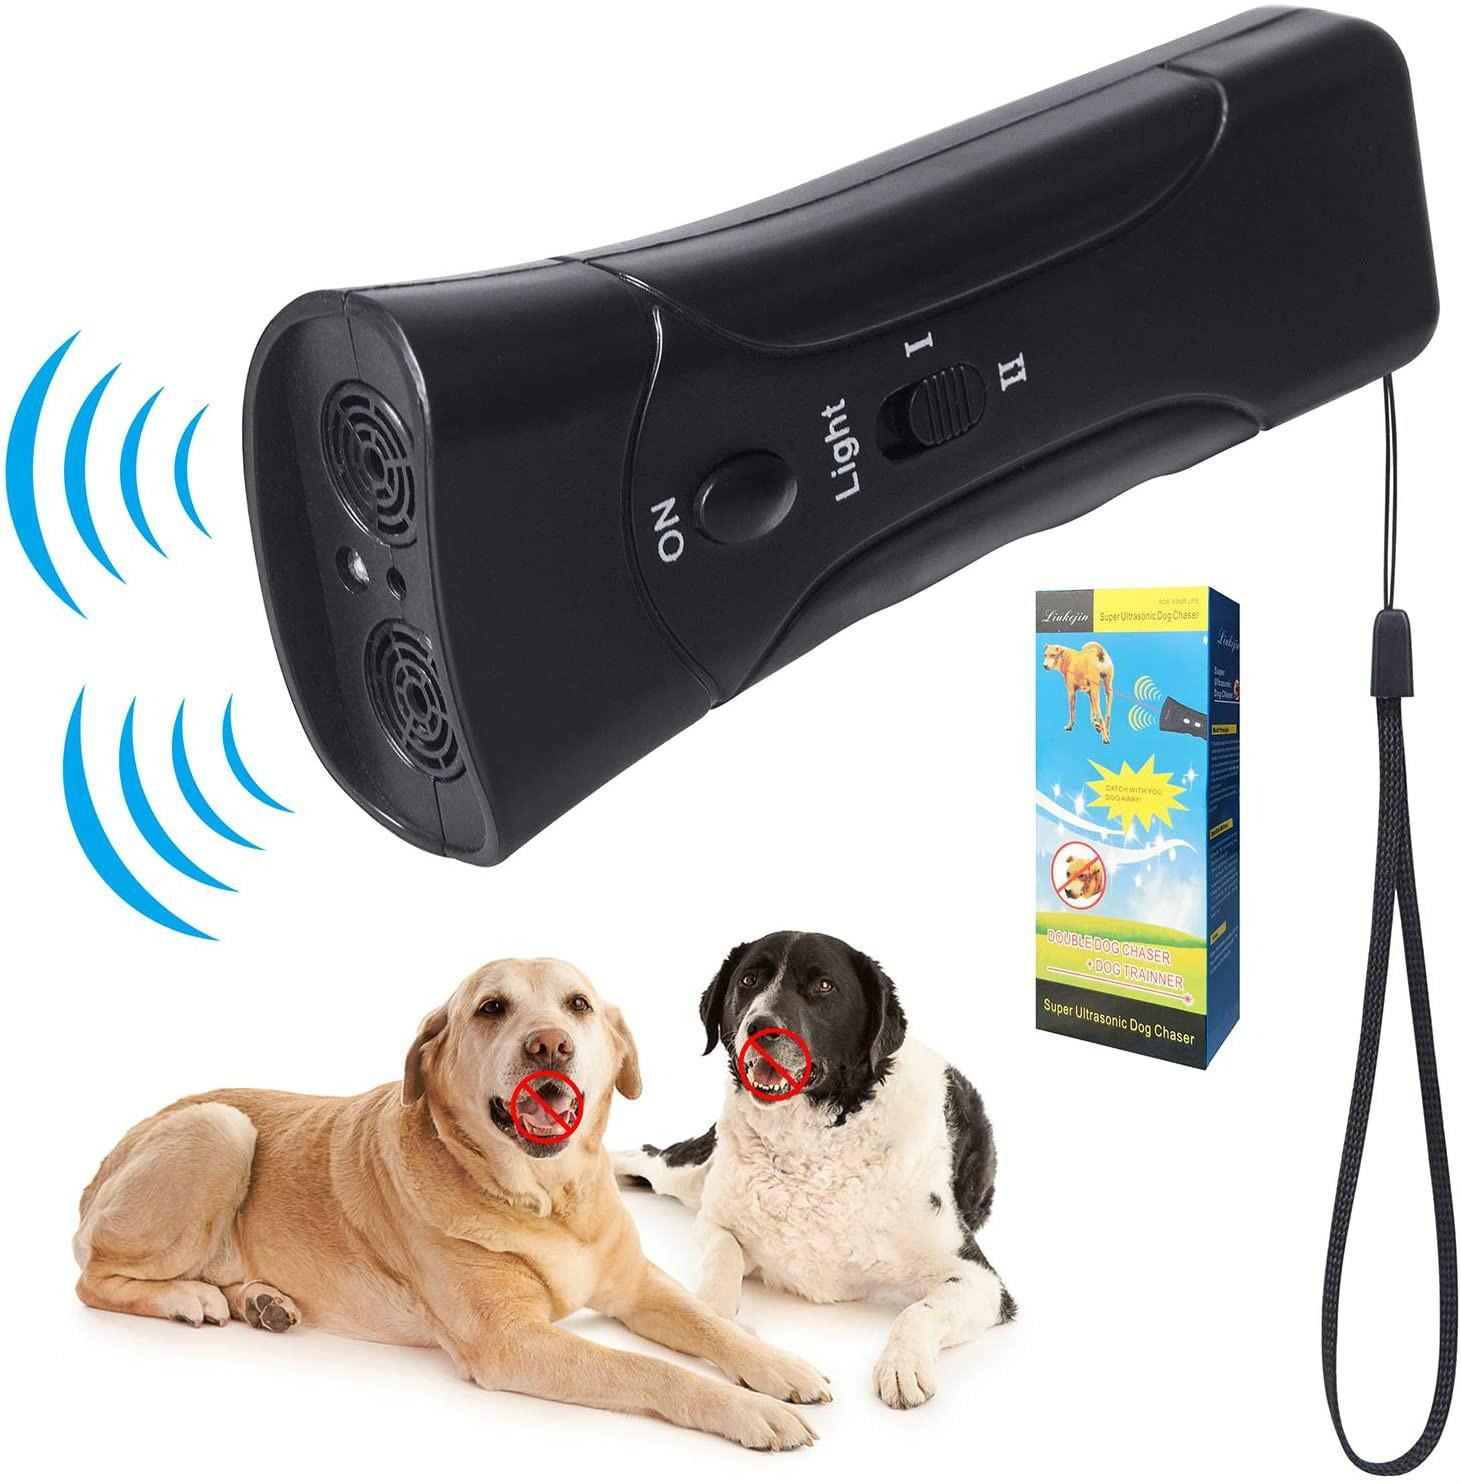 2 رئيس كلب مبيد مكافحة النباح وقف لحاء الردع الهجمات الحيوانية العدوانية LED بالموجات فوق الصوتية التحكم بالموجات فوق الصوتية جهاز مدرب YL0242